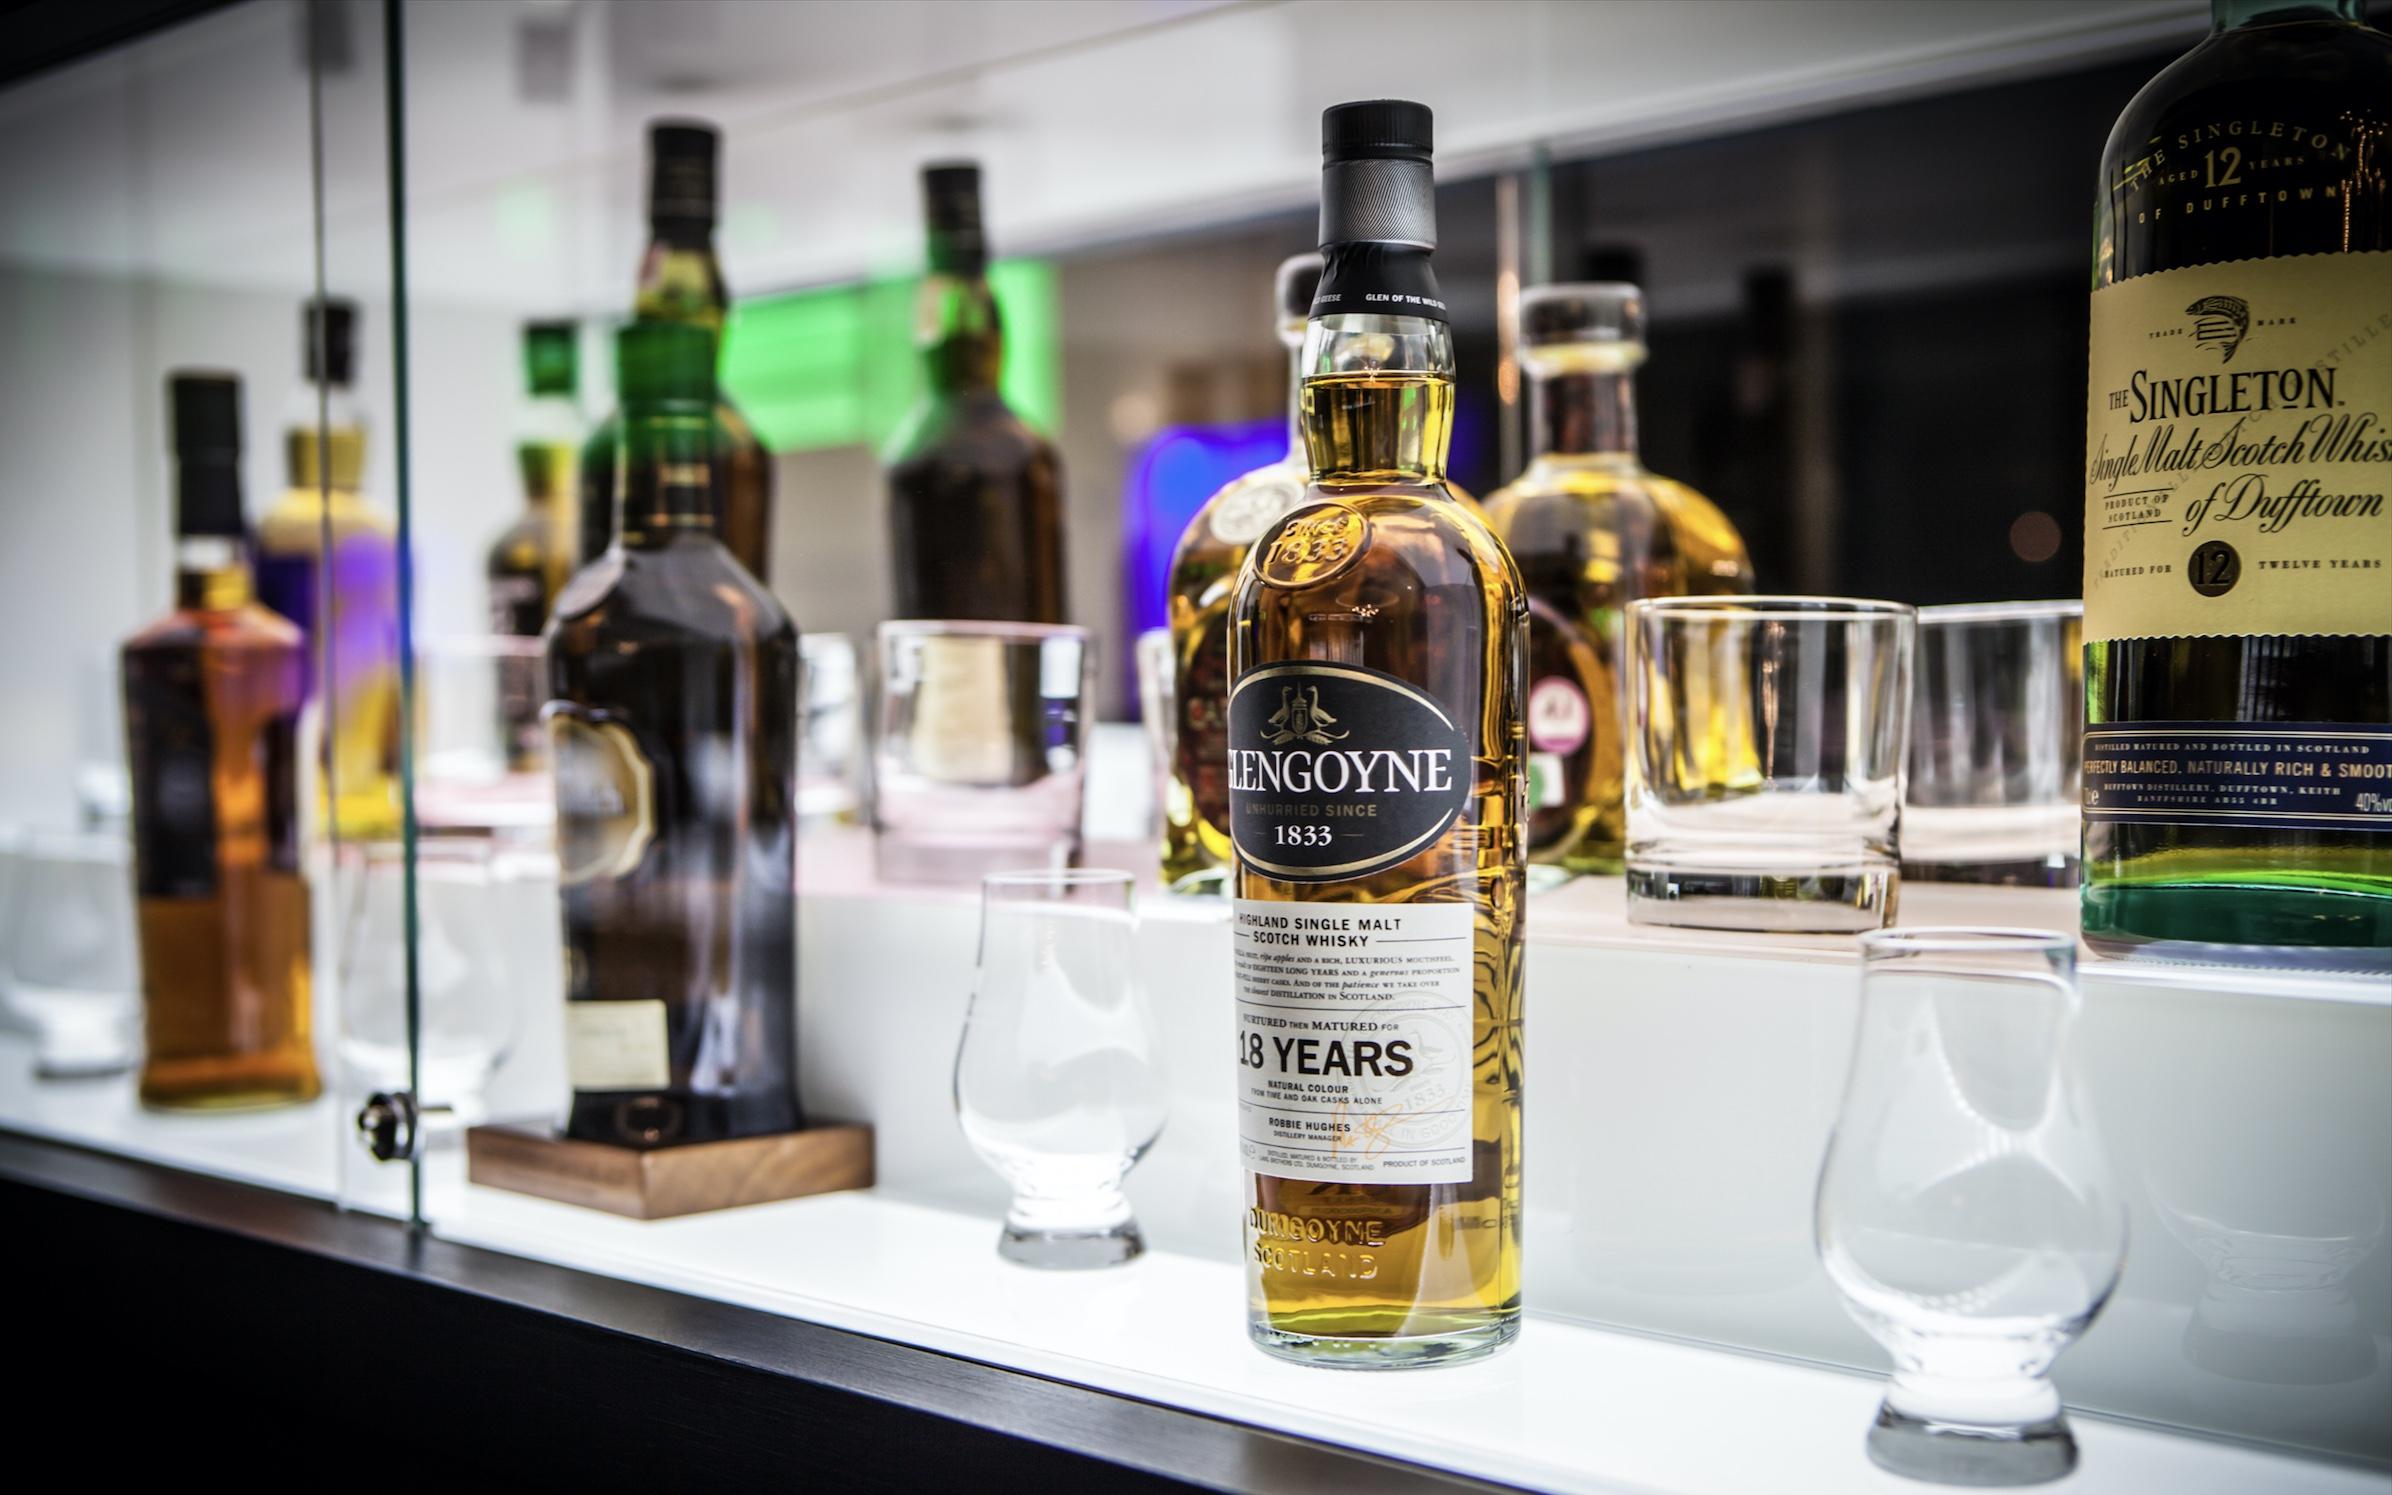 singleton whisky 18